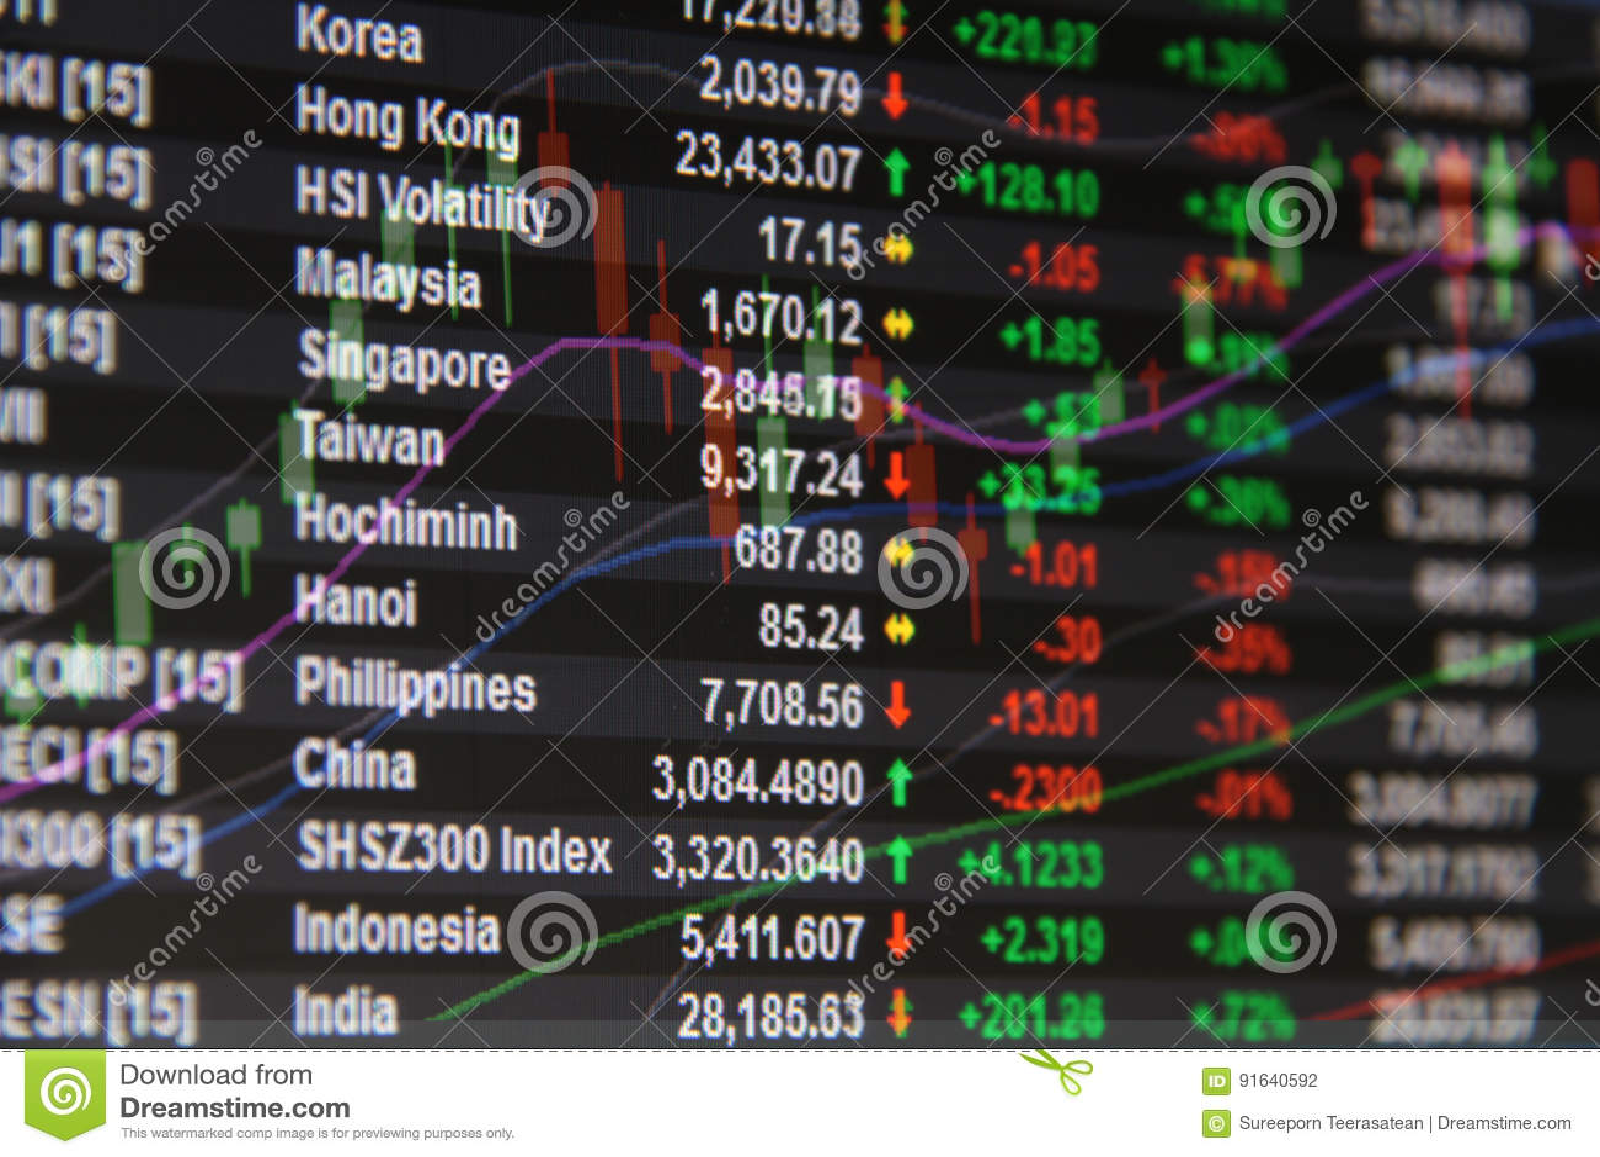 asian markets ticker jpg 1152x768